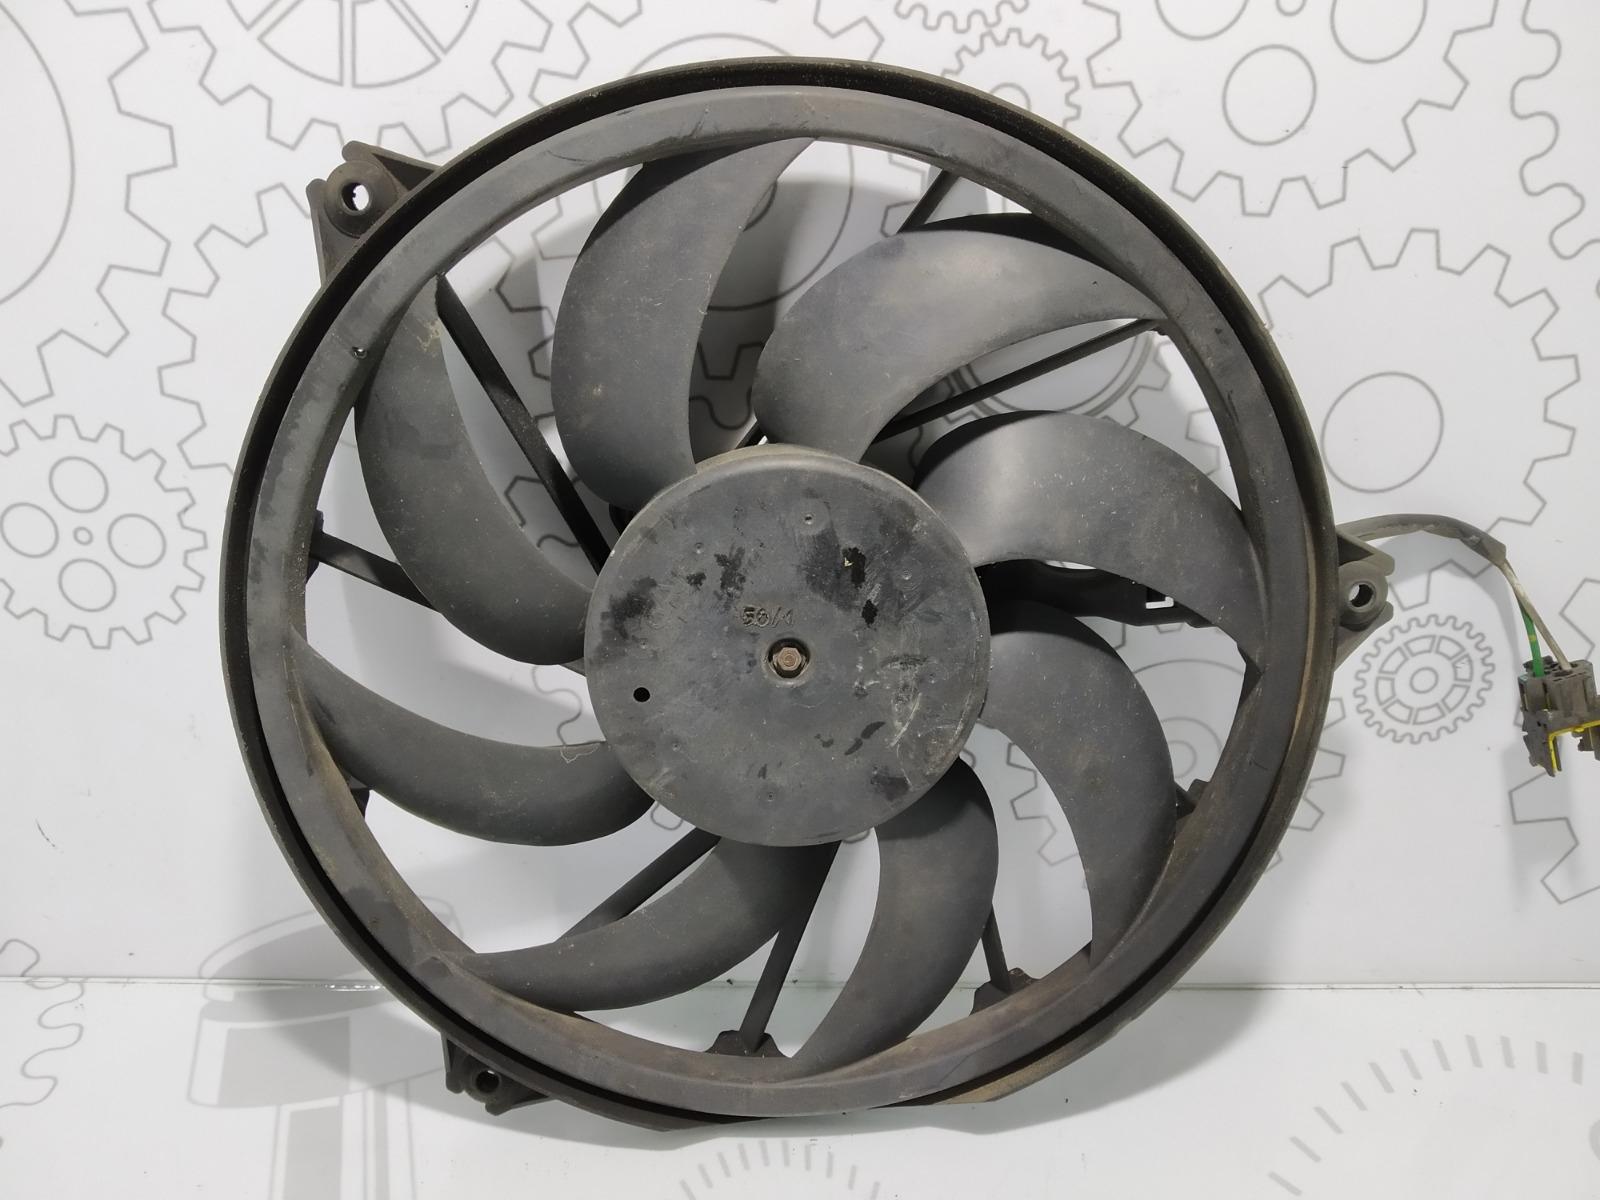 Вентилятор радиатора Peugeot 206 1.4 I 2002 (б/у)